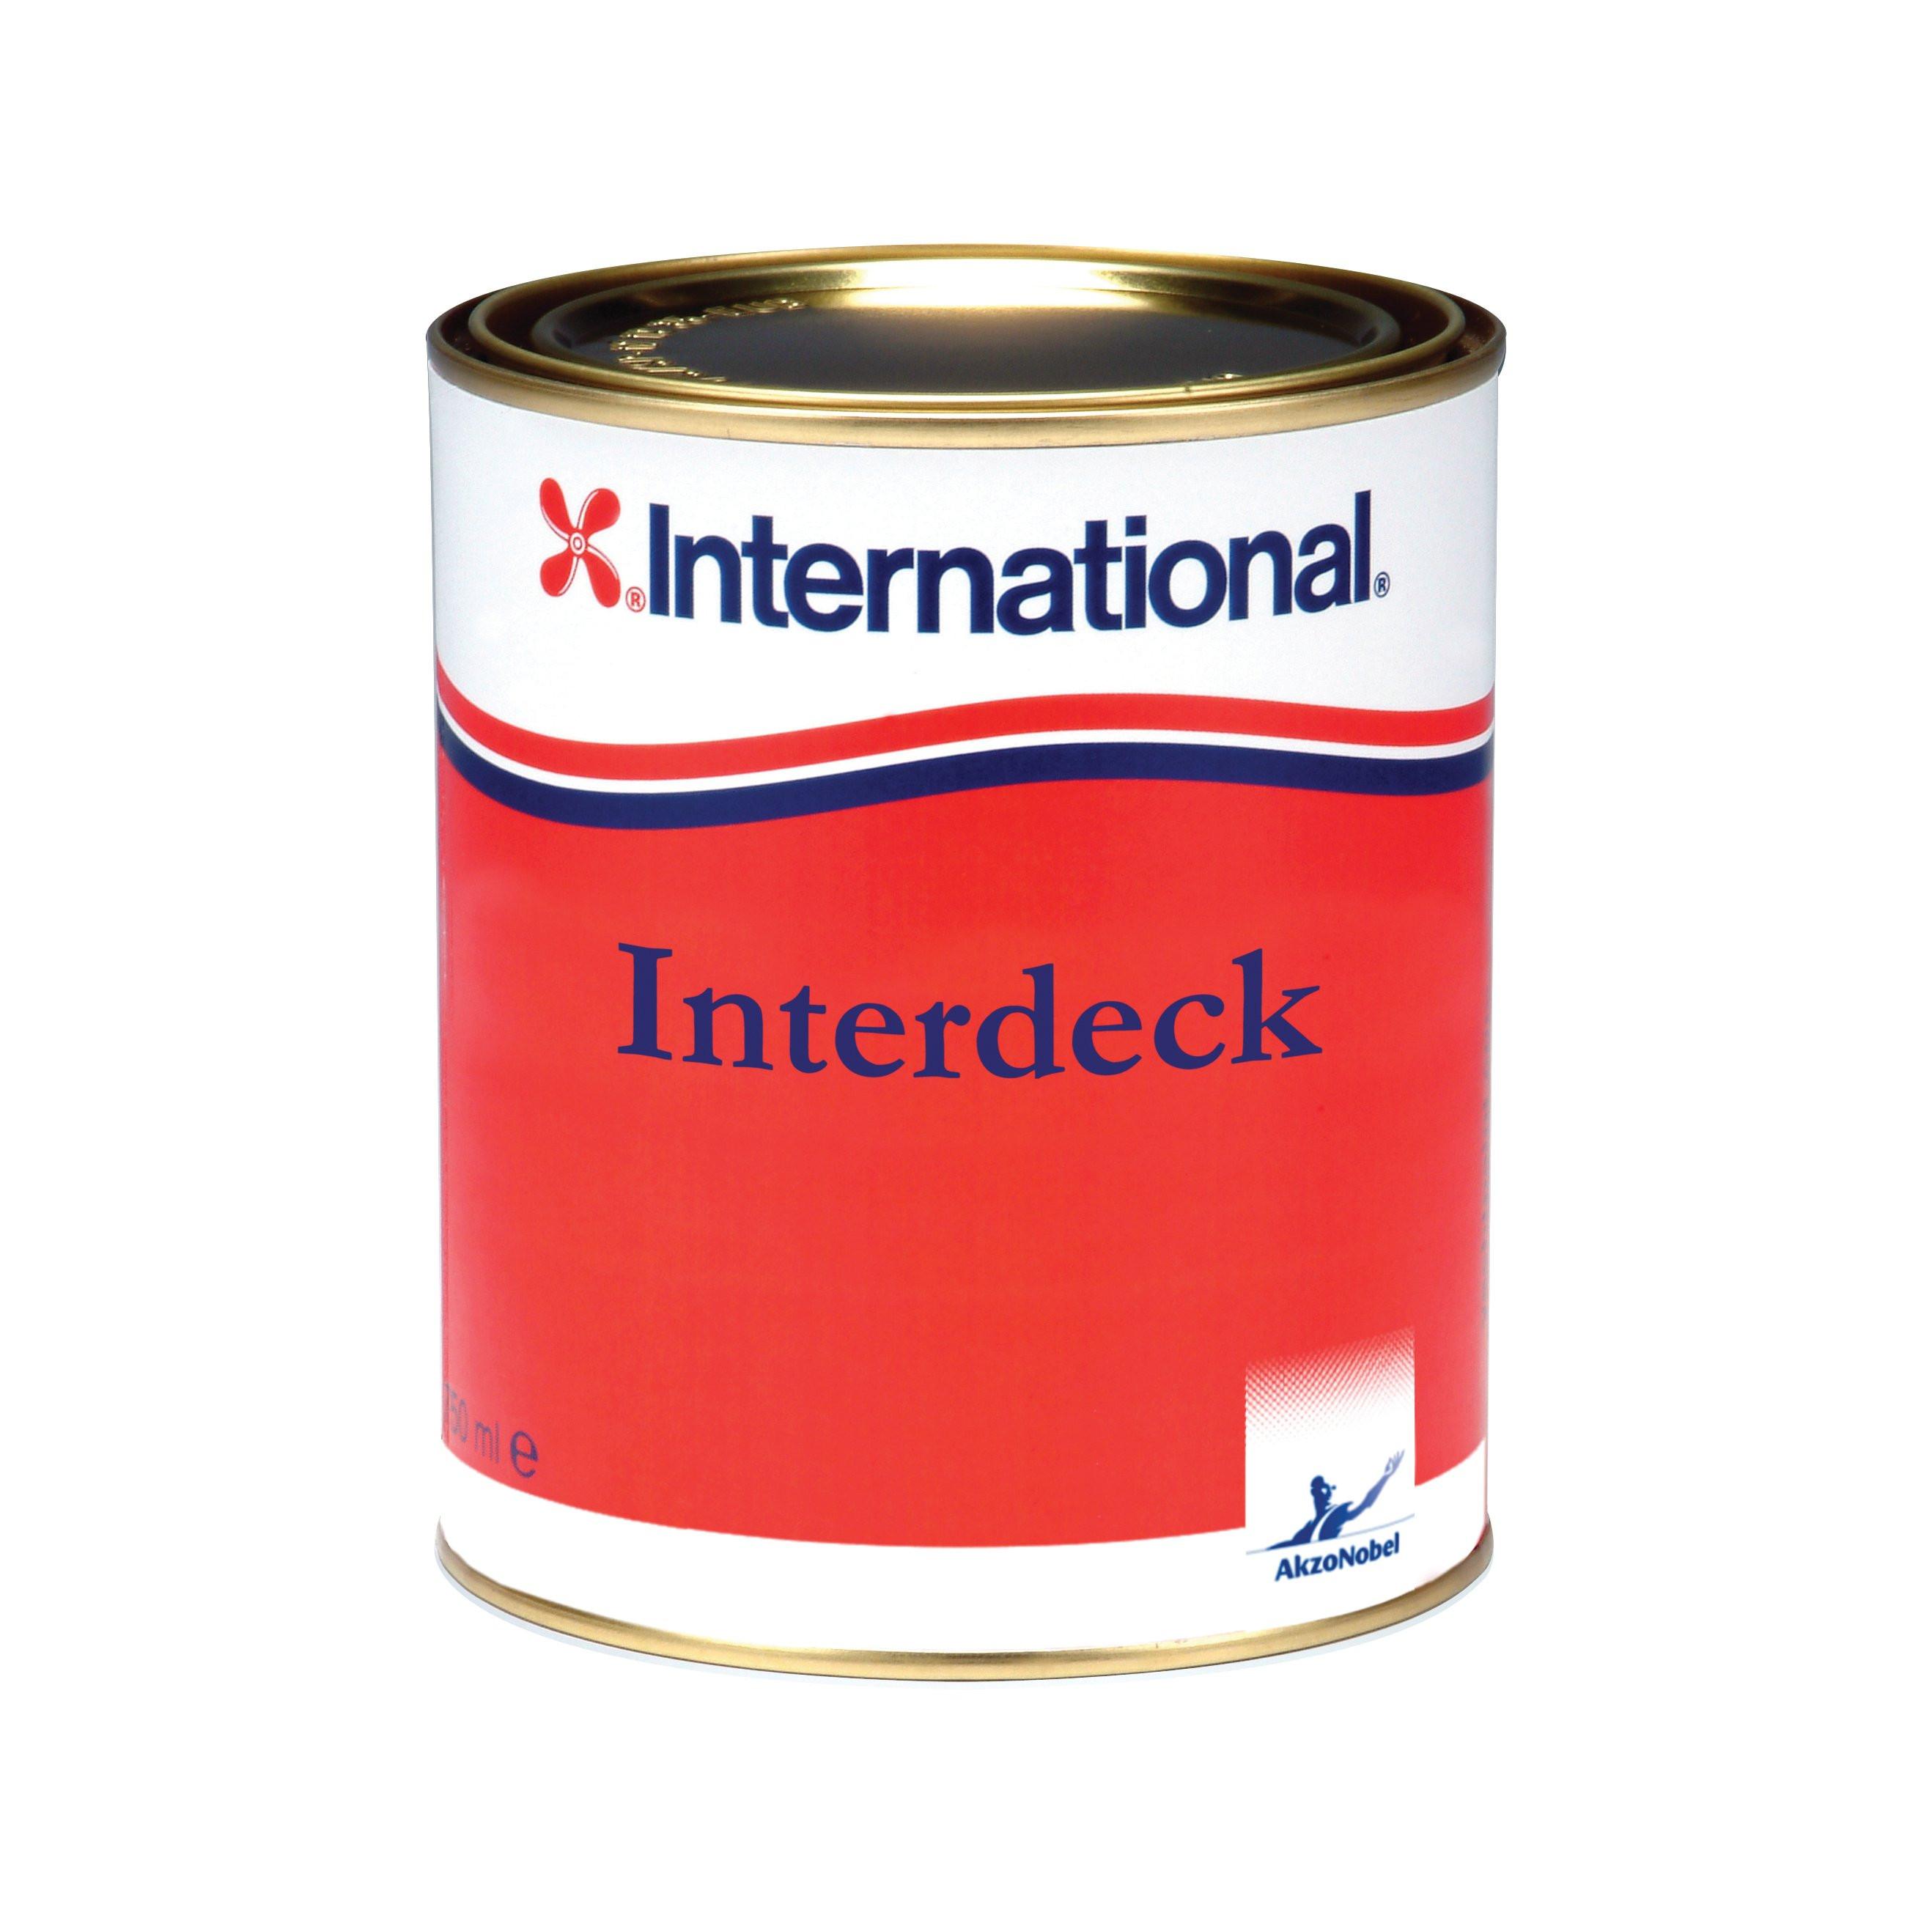 International Interdeck aflak - blauw 923, 750ml